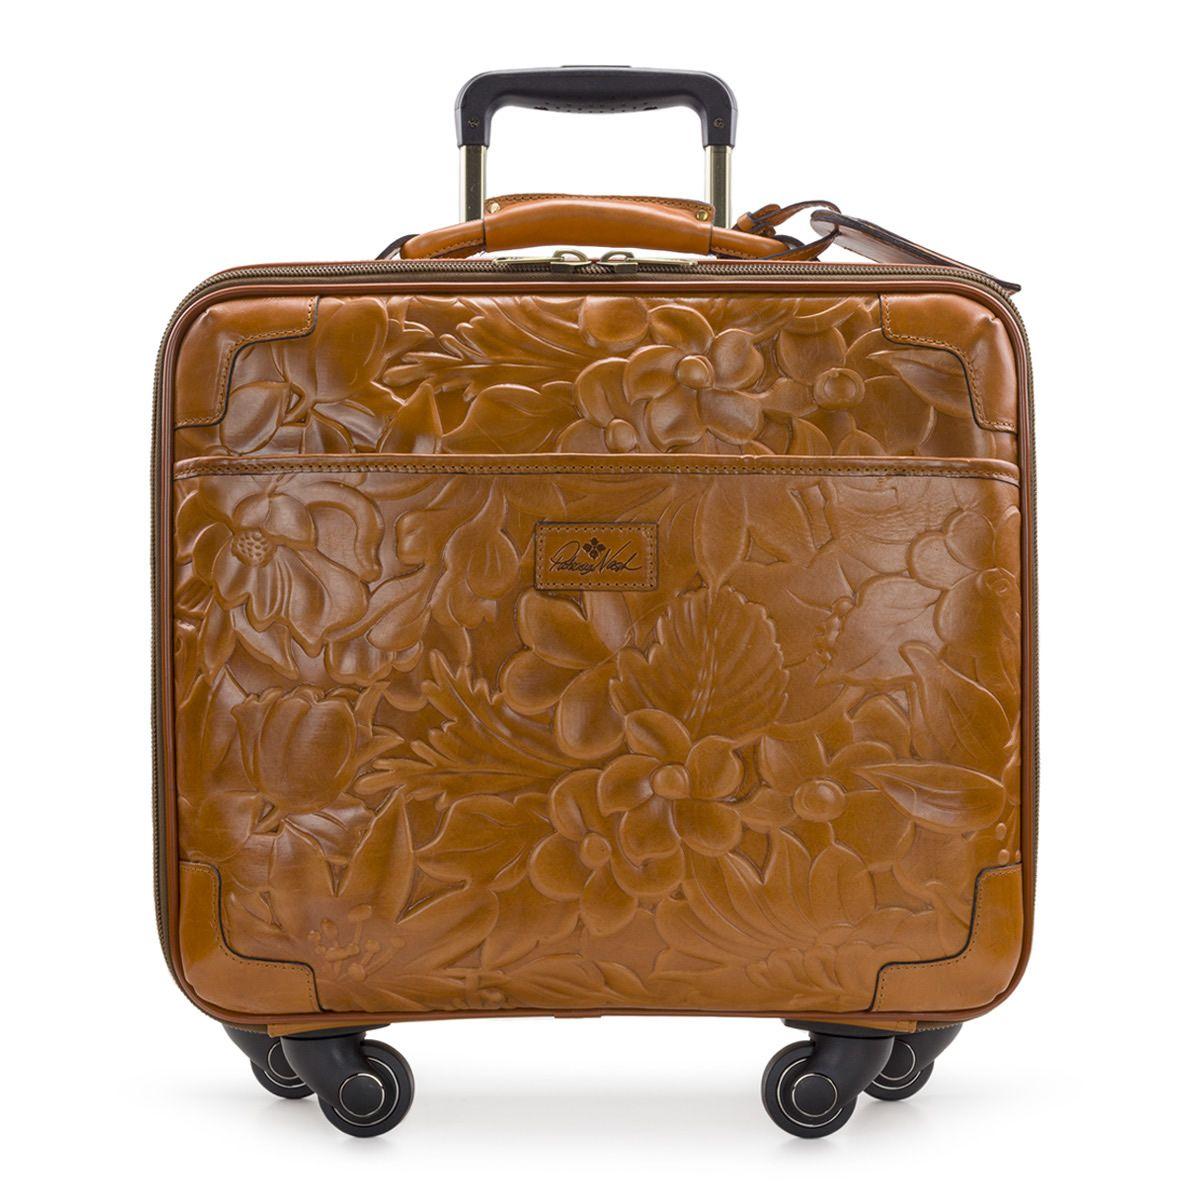 fc36295886 Patricia Nash Handbags - Macy s